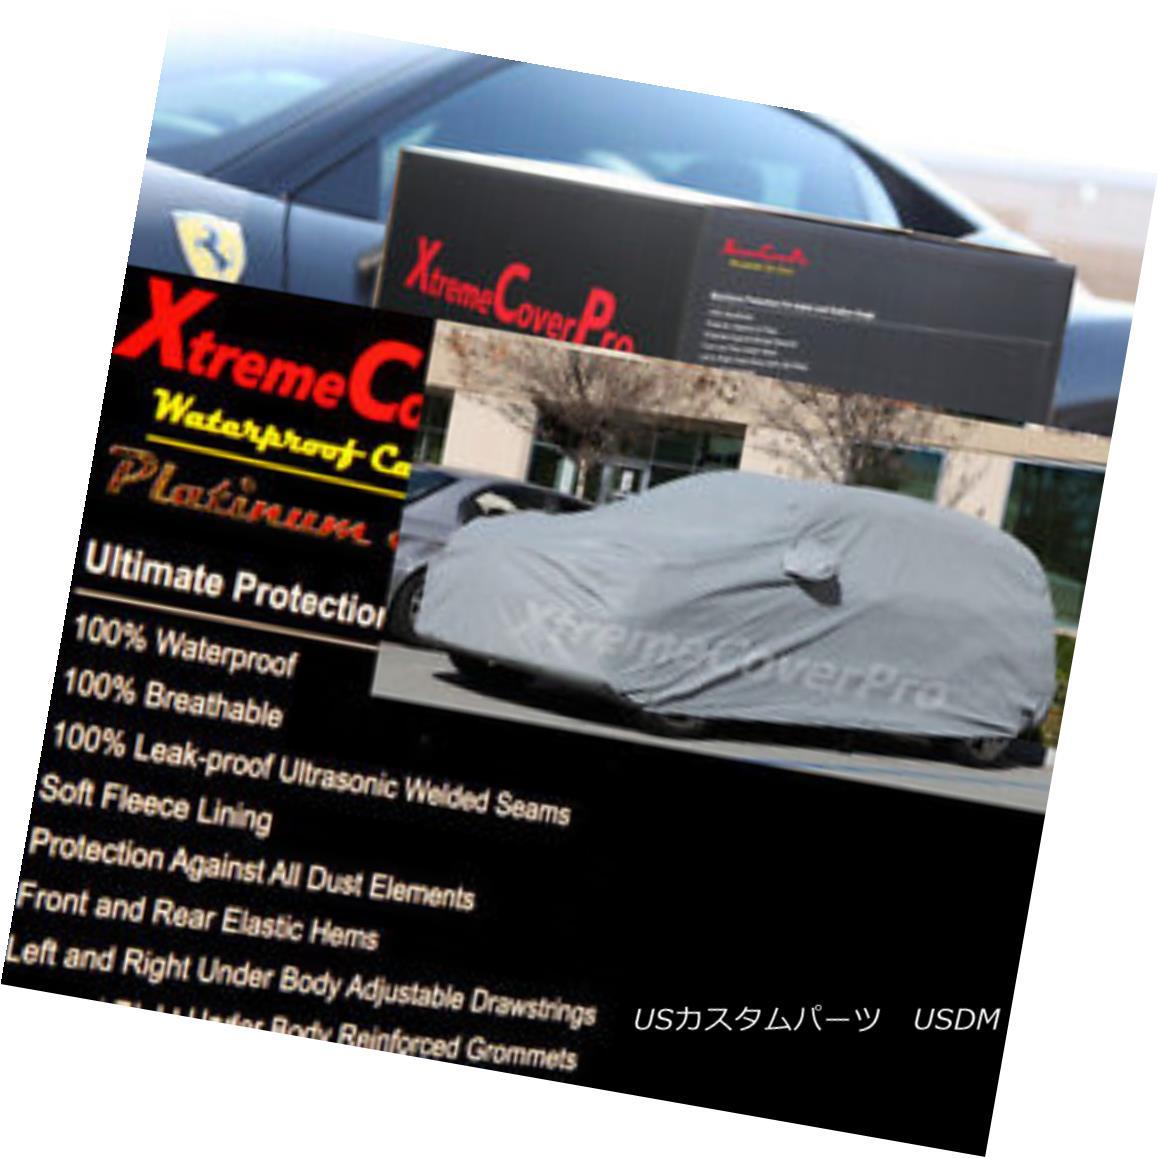 カーカバー 1988 1989 1990 1991 GMC Suburban Waterproof Car Cover w/MirrorPocket 1988 1989 1990 1991 GMC郊外防水カーカバー付きMirrorPocket